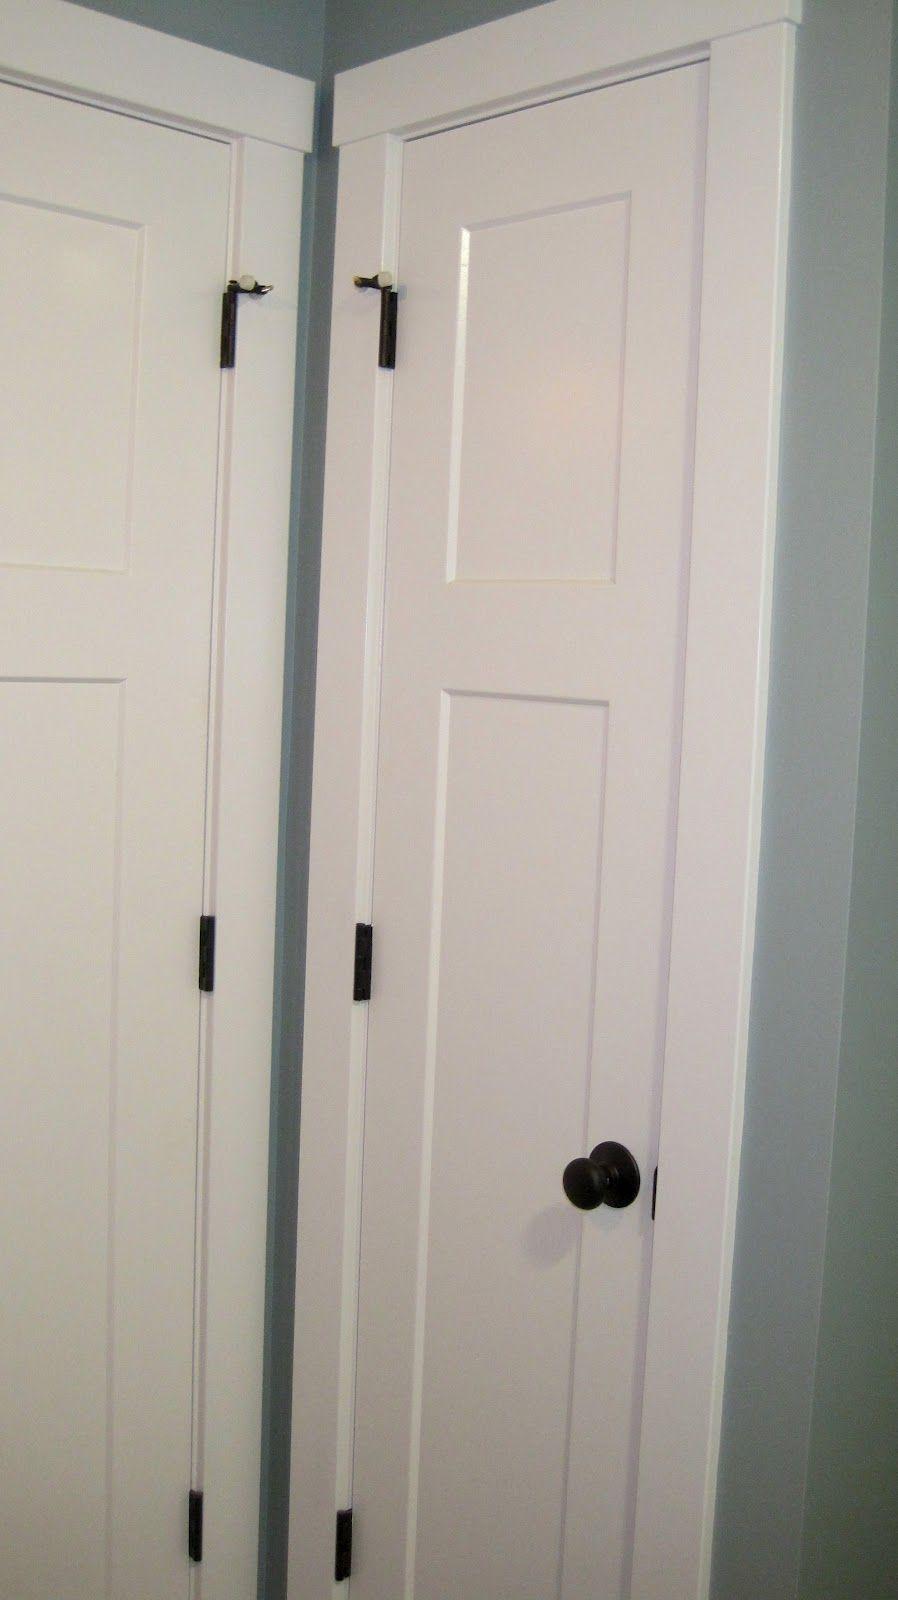 craftsman+interior+door+linen+closet.JPG 898×1,600 pixels | Building ...